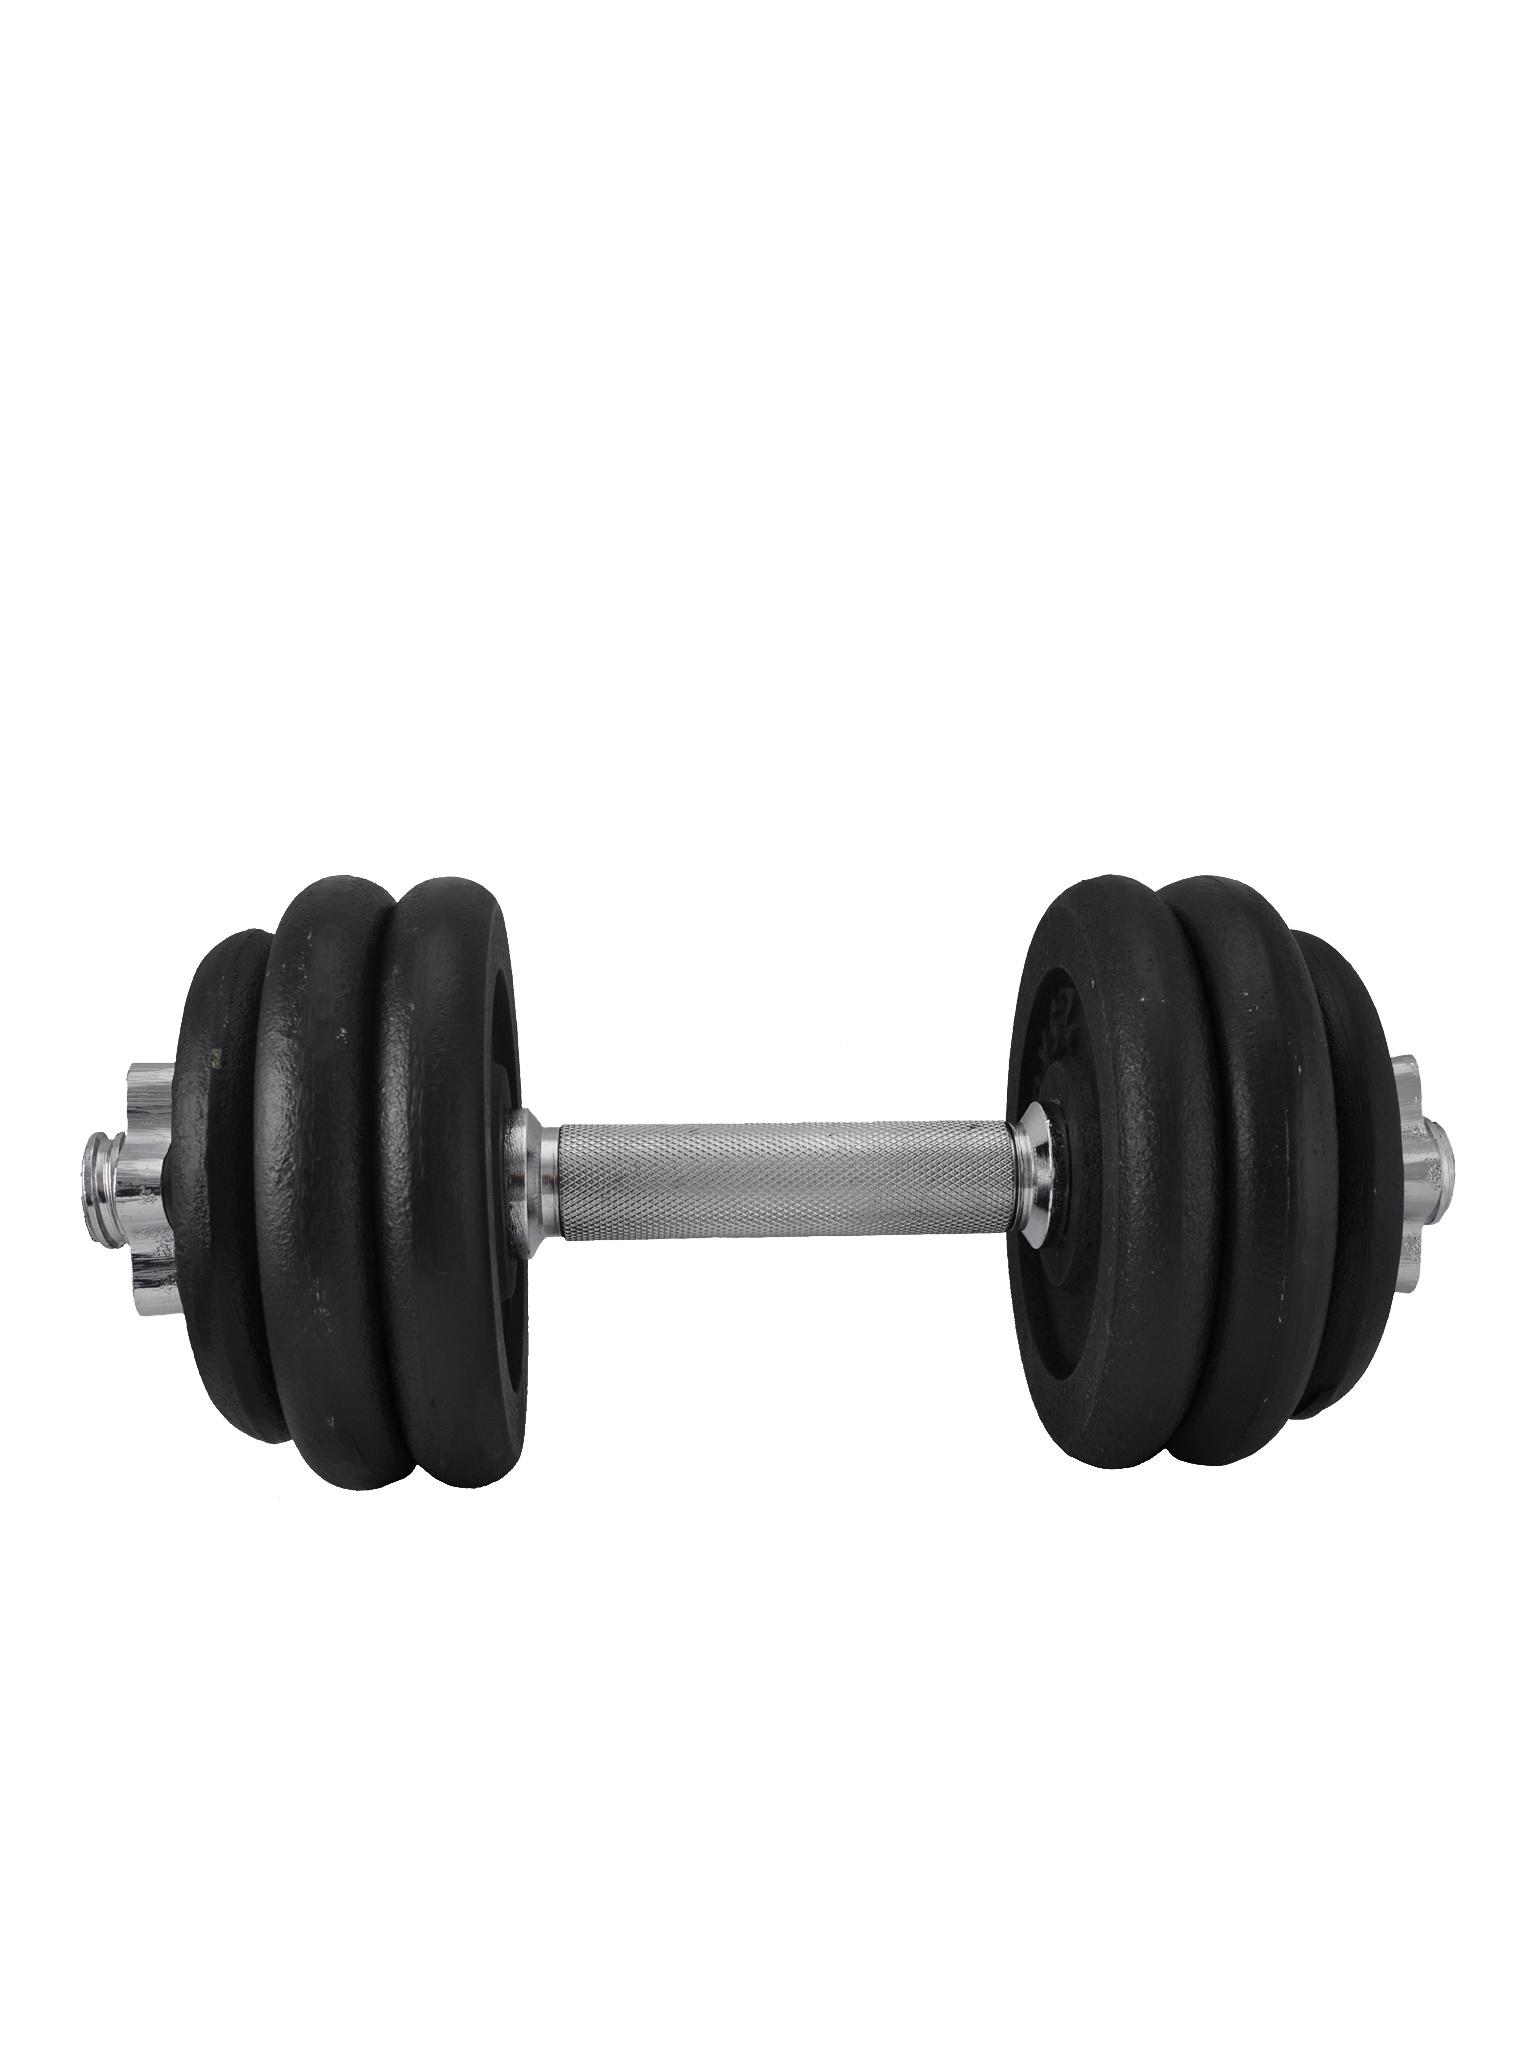 Dumbell 15kg